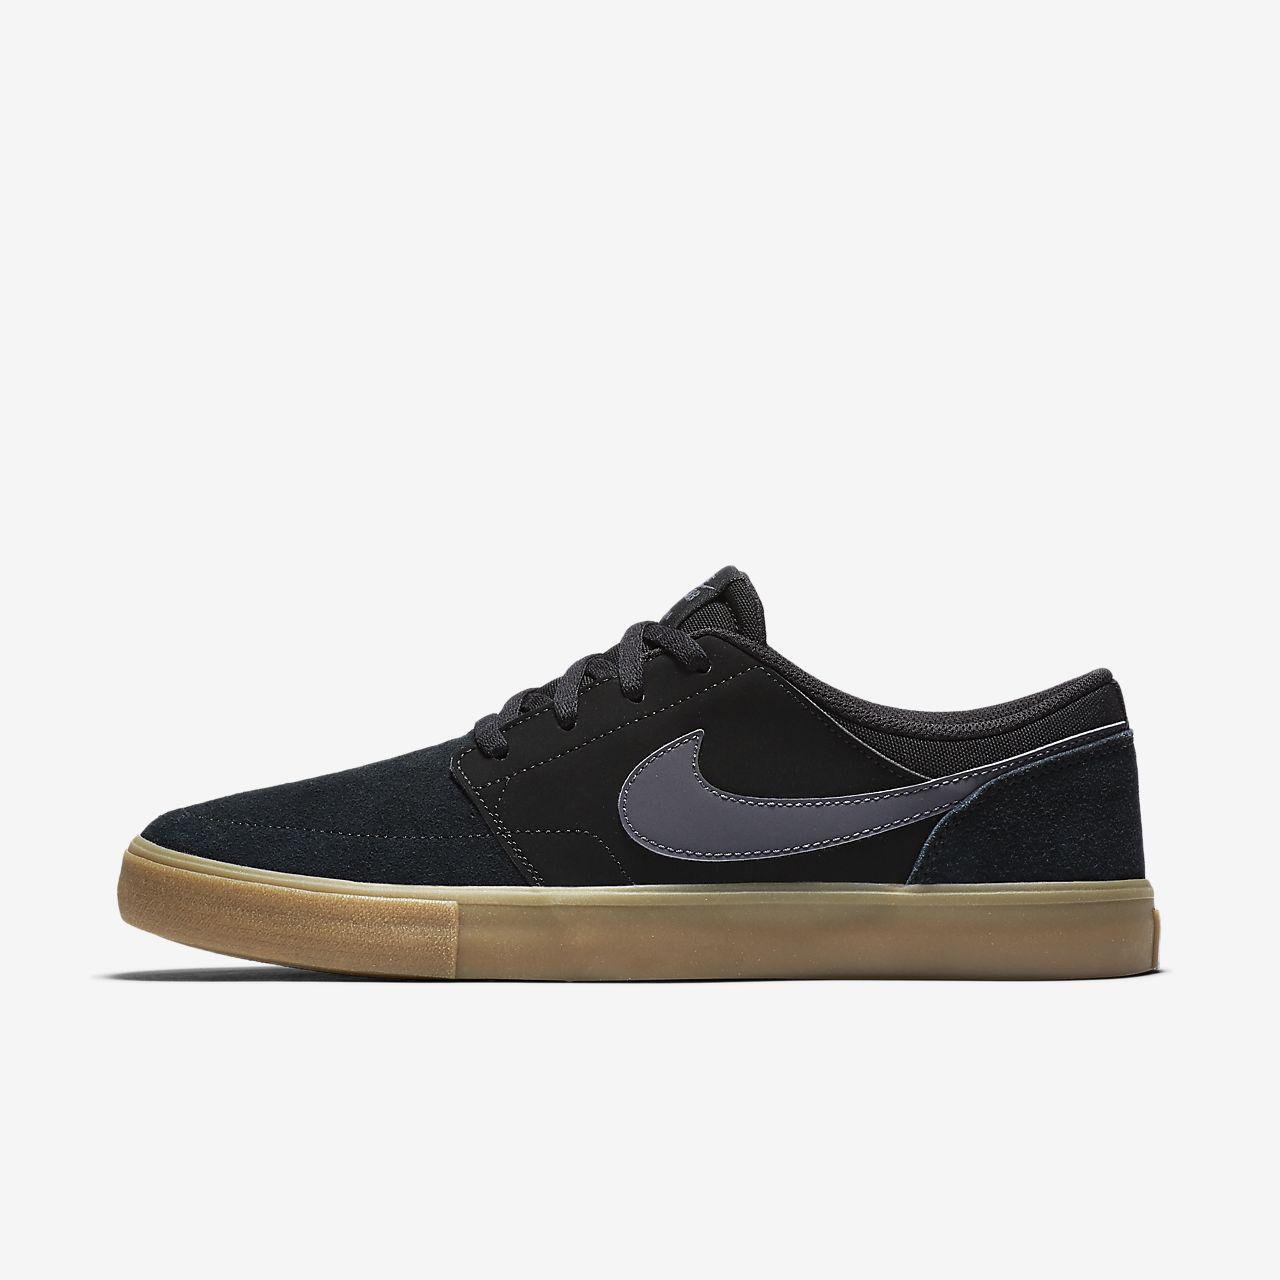 Skateboardsko Nike SB Solarsoft Portmore II för män